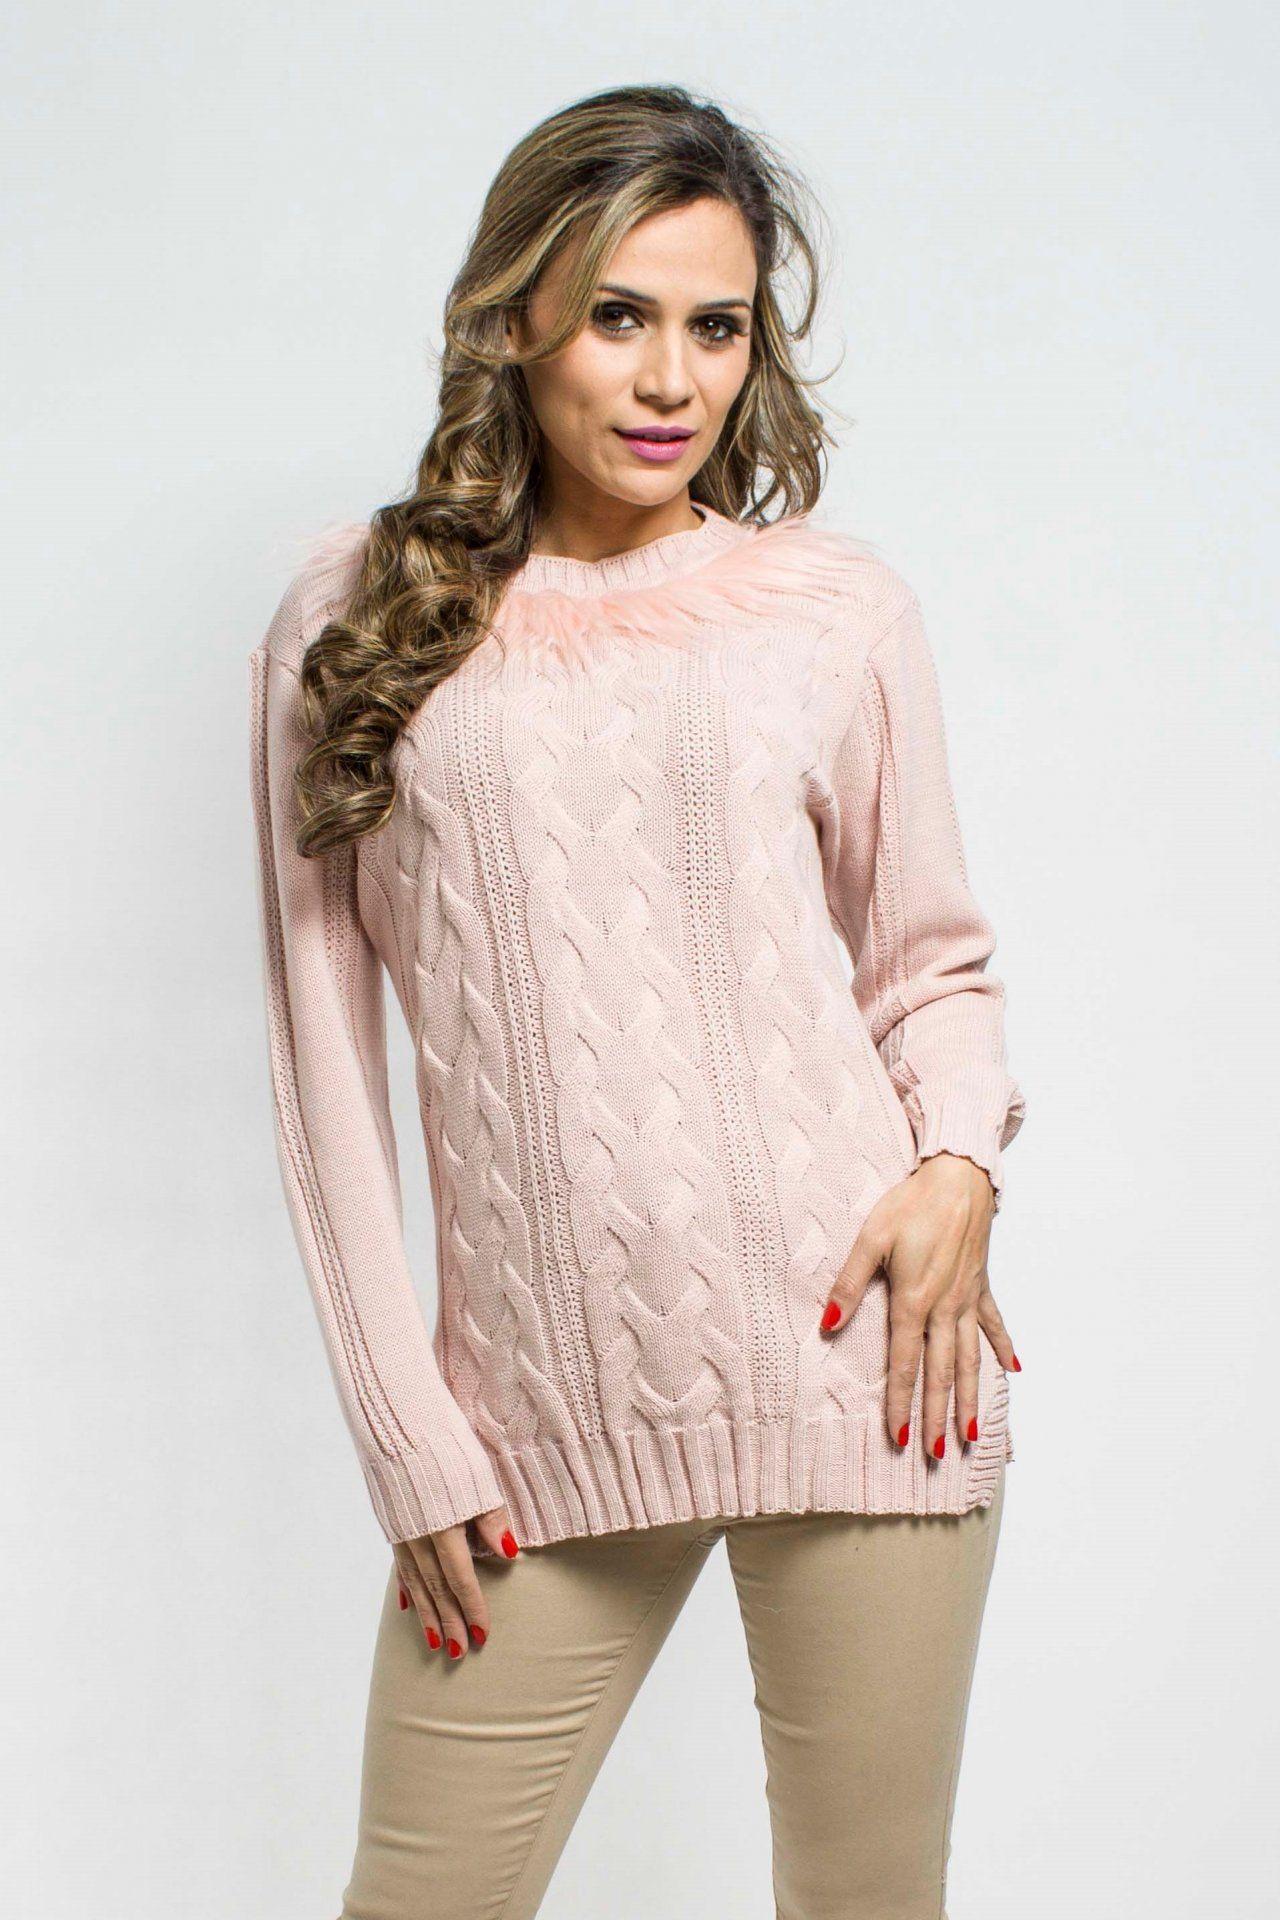 blusa-c-pele-rafinha-gadelha-135if17